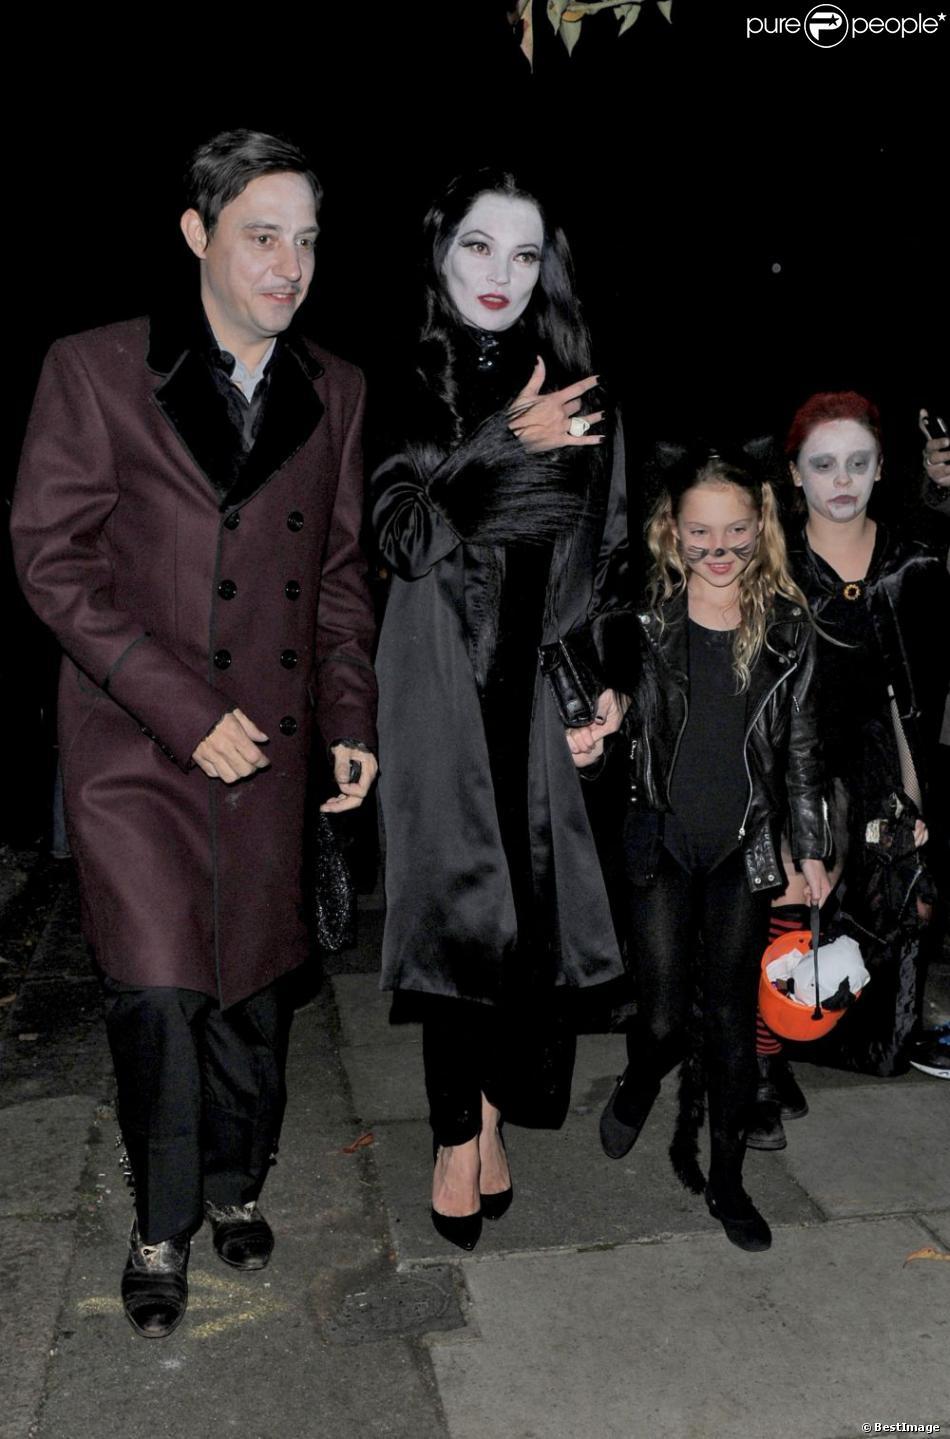 Kate Moss, sa fille Lila Grace, et son mari Jamie Hince à la soirée Halloween de Jonathan Ross à Londres, le 31 octobre 2012.